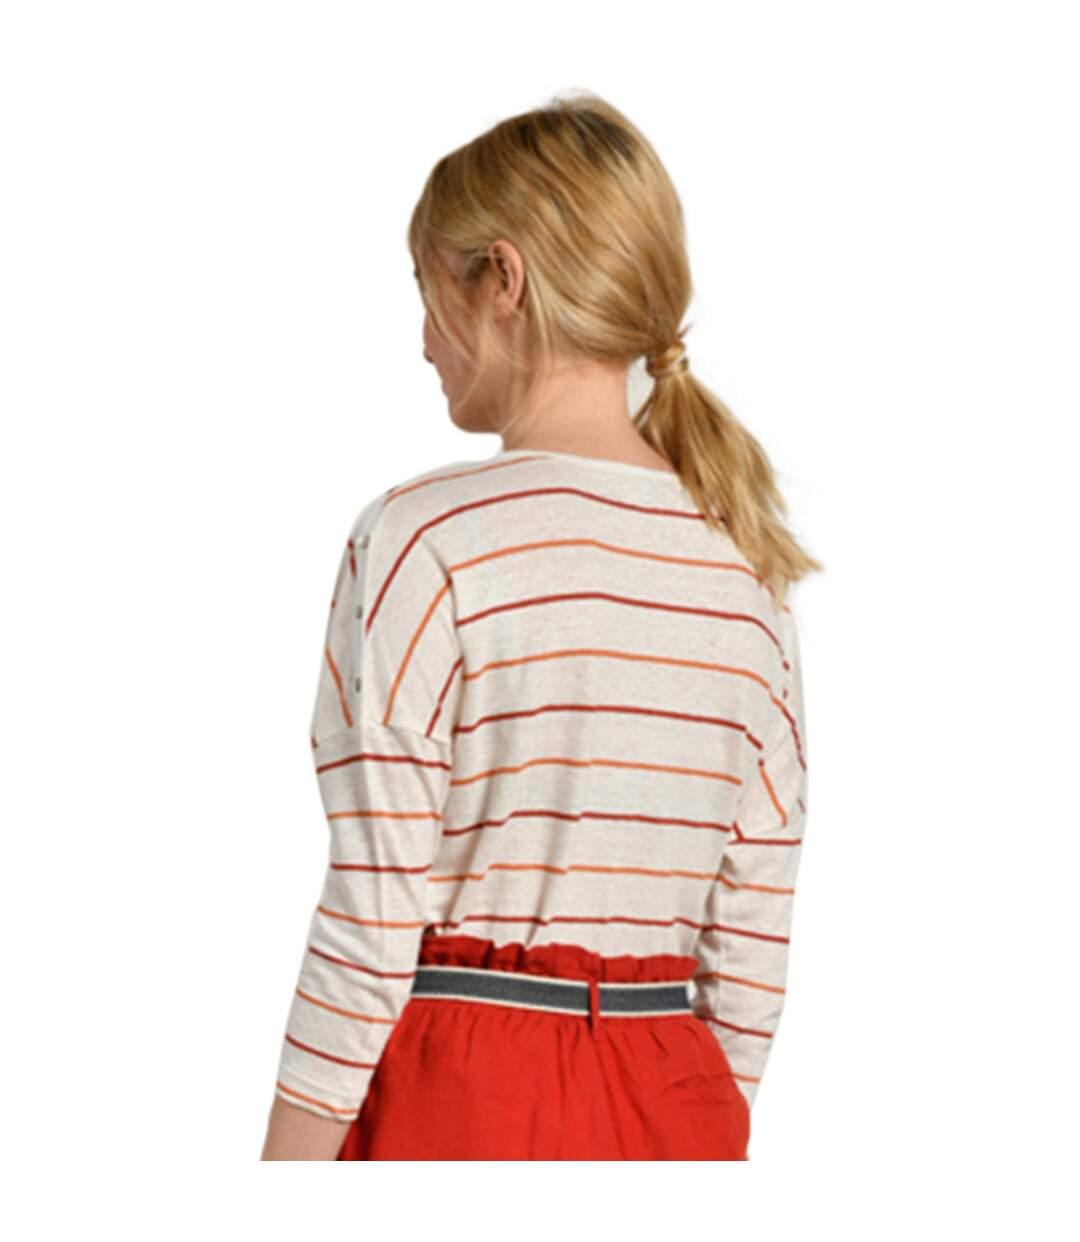 Dégagement Mat de Misaine T-shirt rayé à manches longues MILA  Femme dsf.d455nksdKLFHG